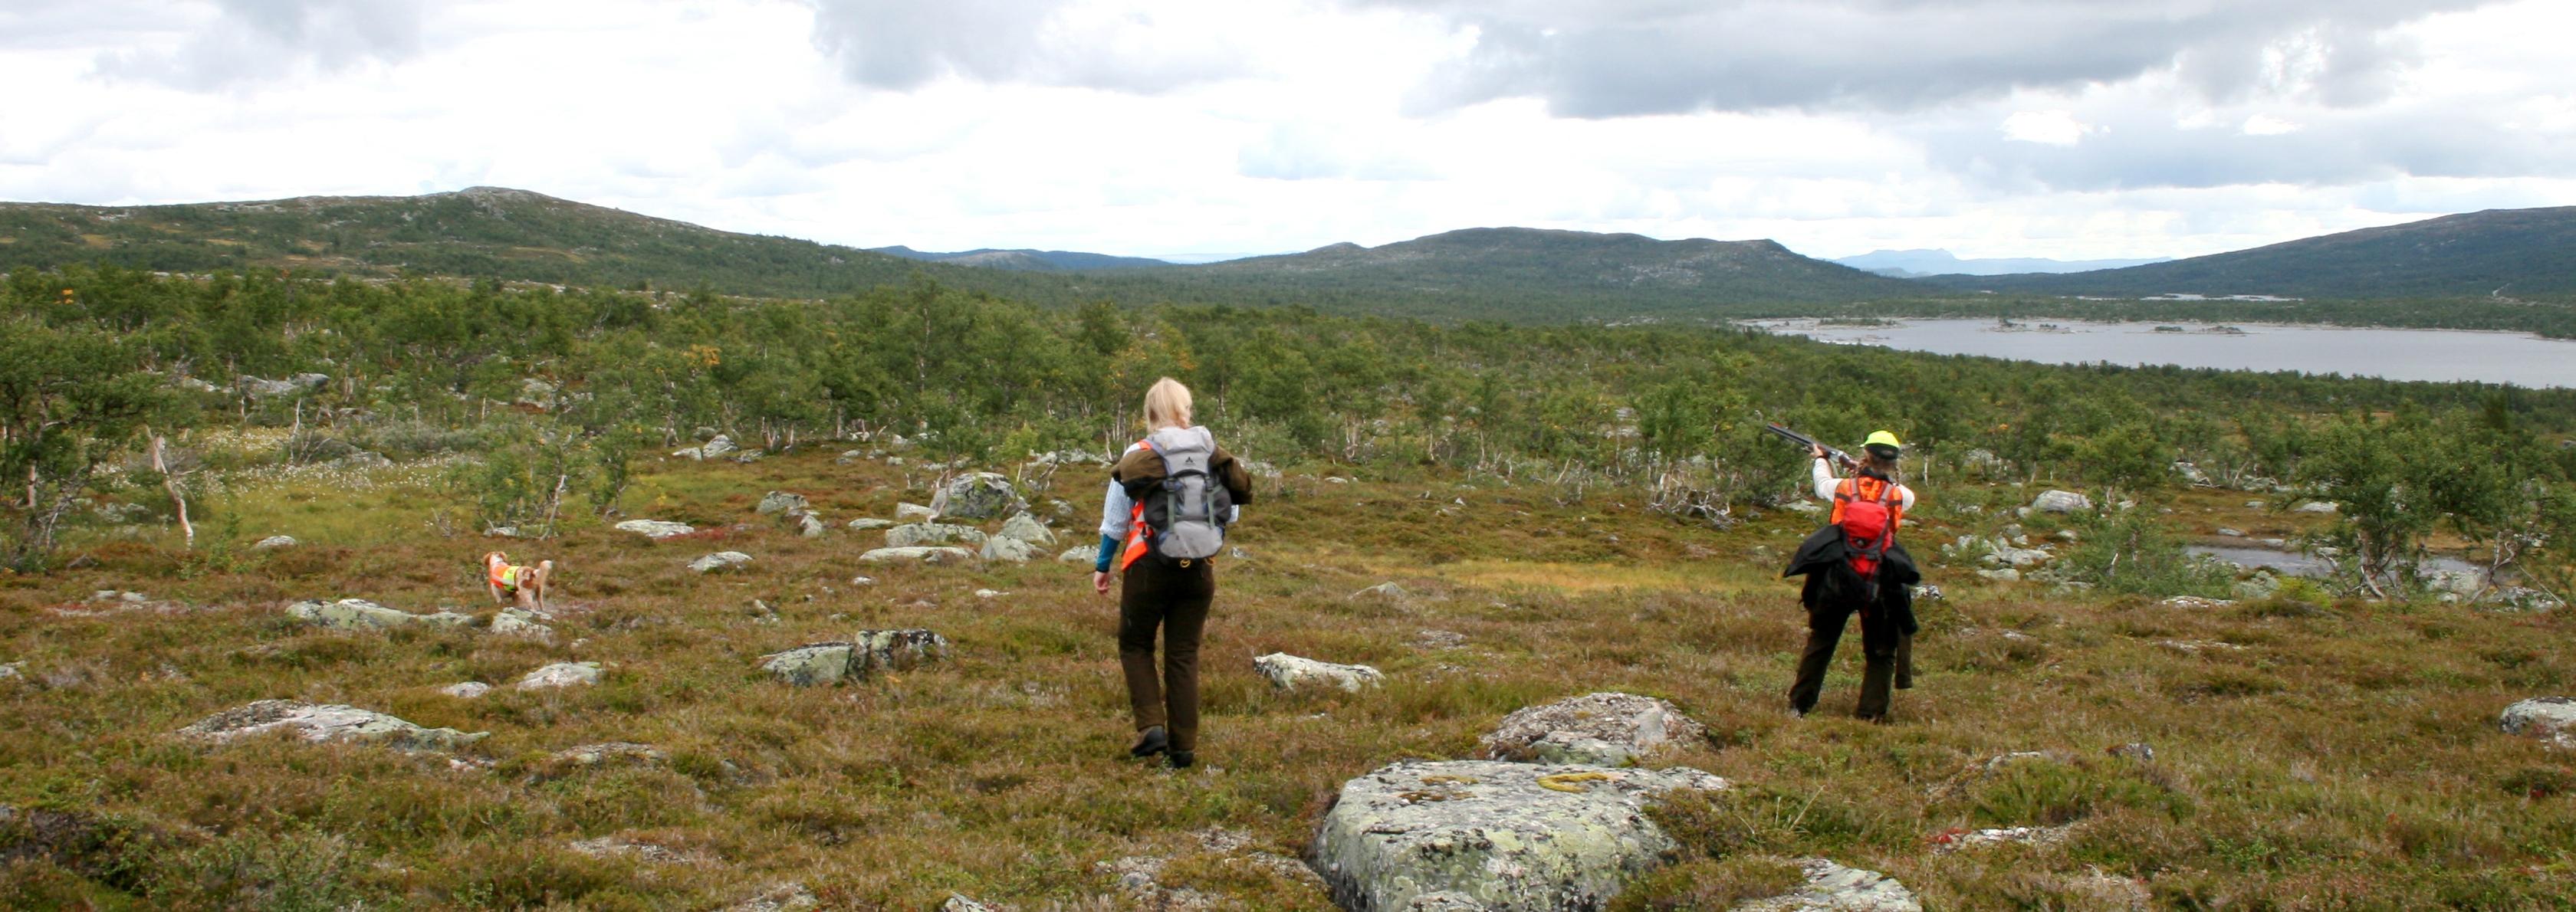 Jakt på Oldjället. Foto: Sebastian Brandtberg